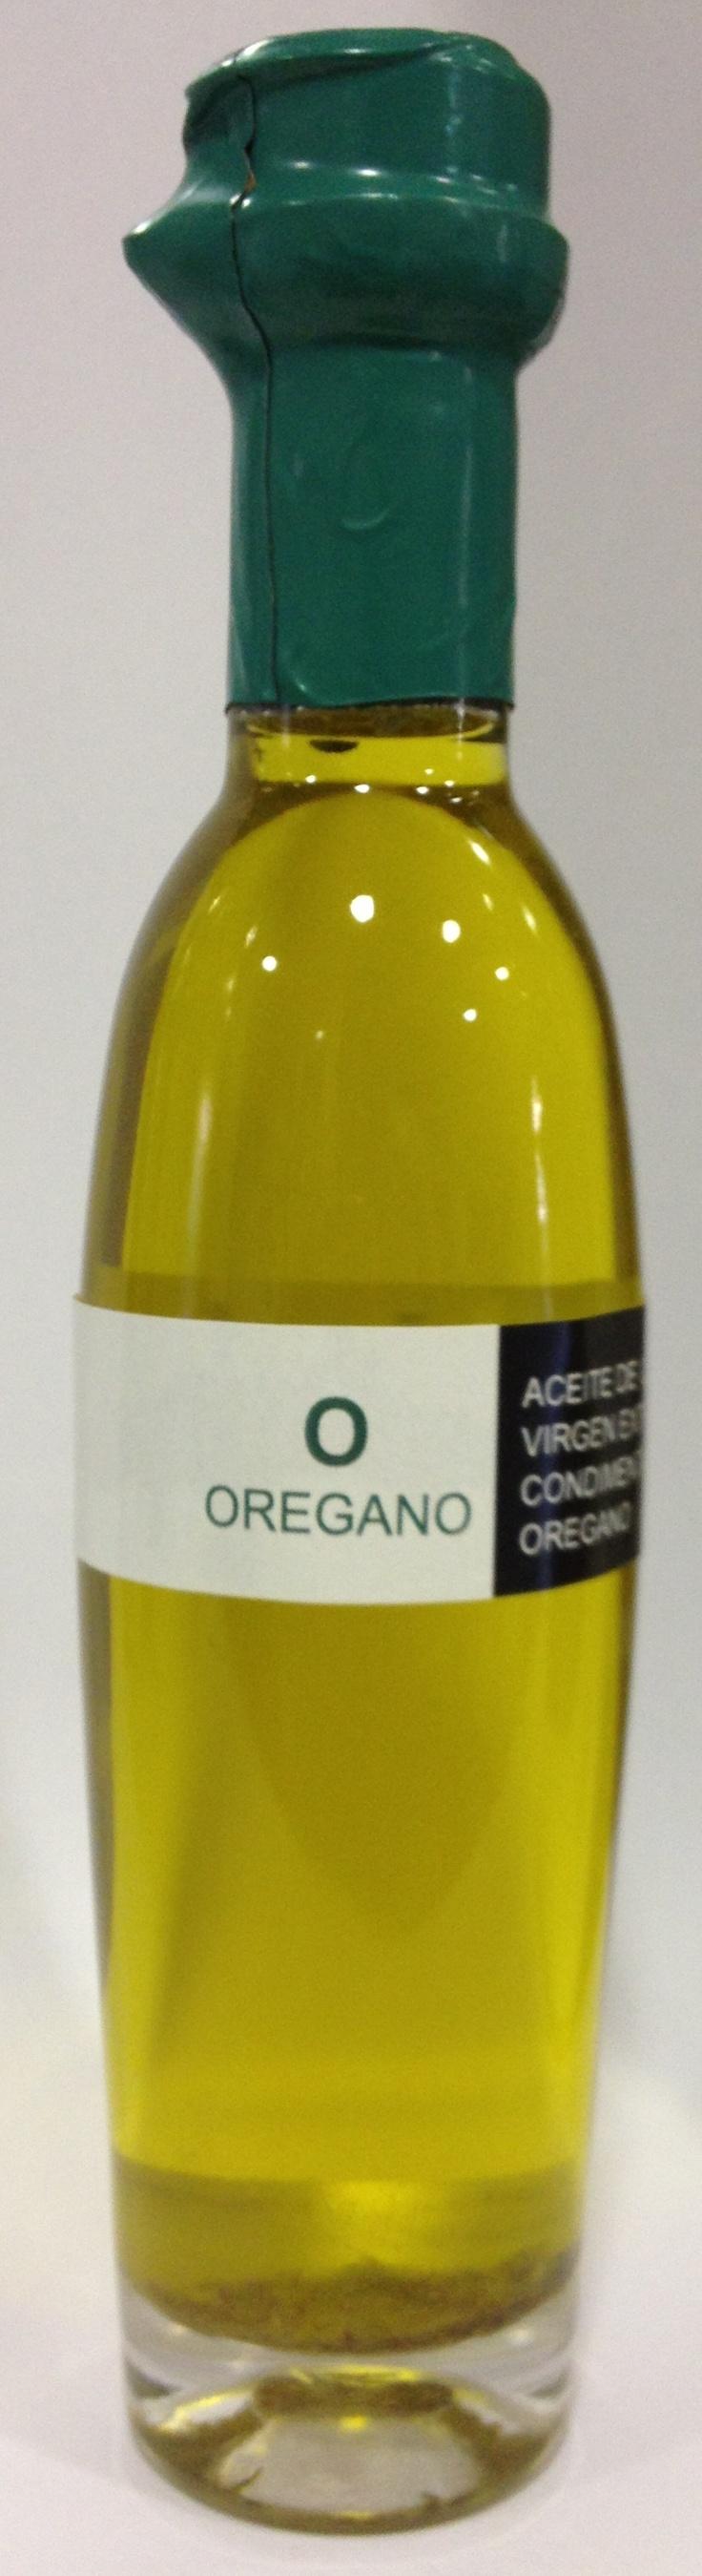 Aceite de oliva virgen extra ecostean con orégano!